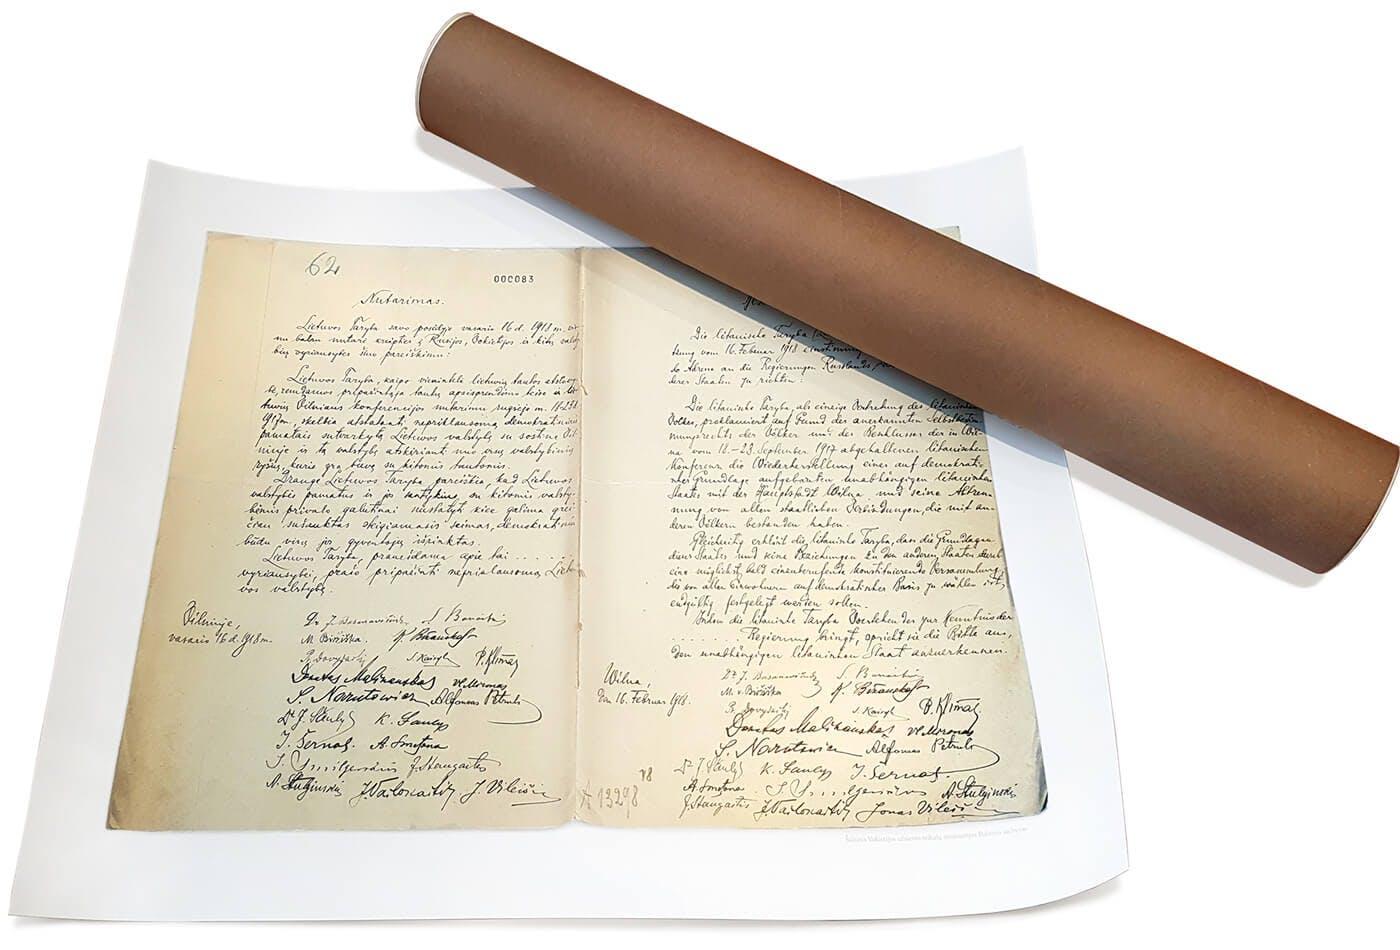 NEPRIKLAUSOMYBĖS AKTAS: ilgai ieškotas dokumentas, kuris papuoš kiekvieno tikro lietuvio namus ar kabinetą – originalaus 1:1 dydžio kopija, atspausdinta ant storo neblunkančio popieriaus, tinkamo rėminimui